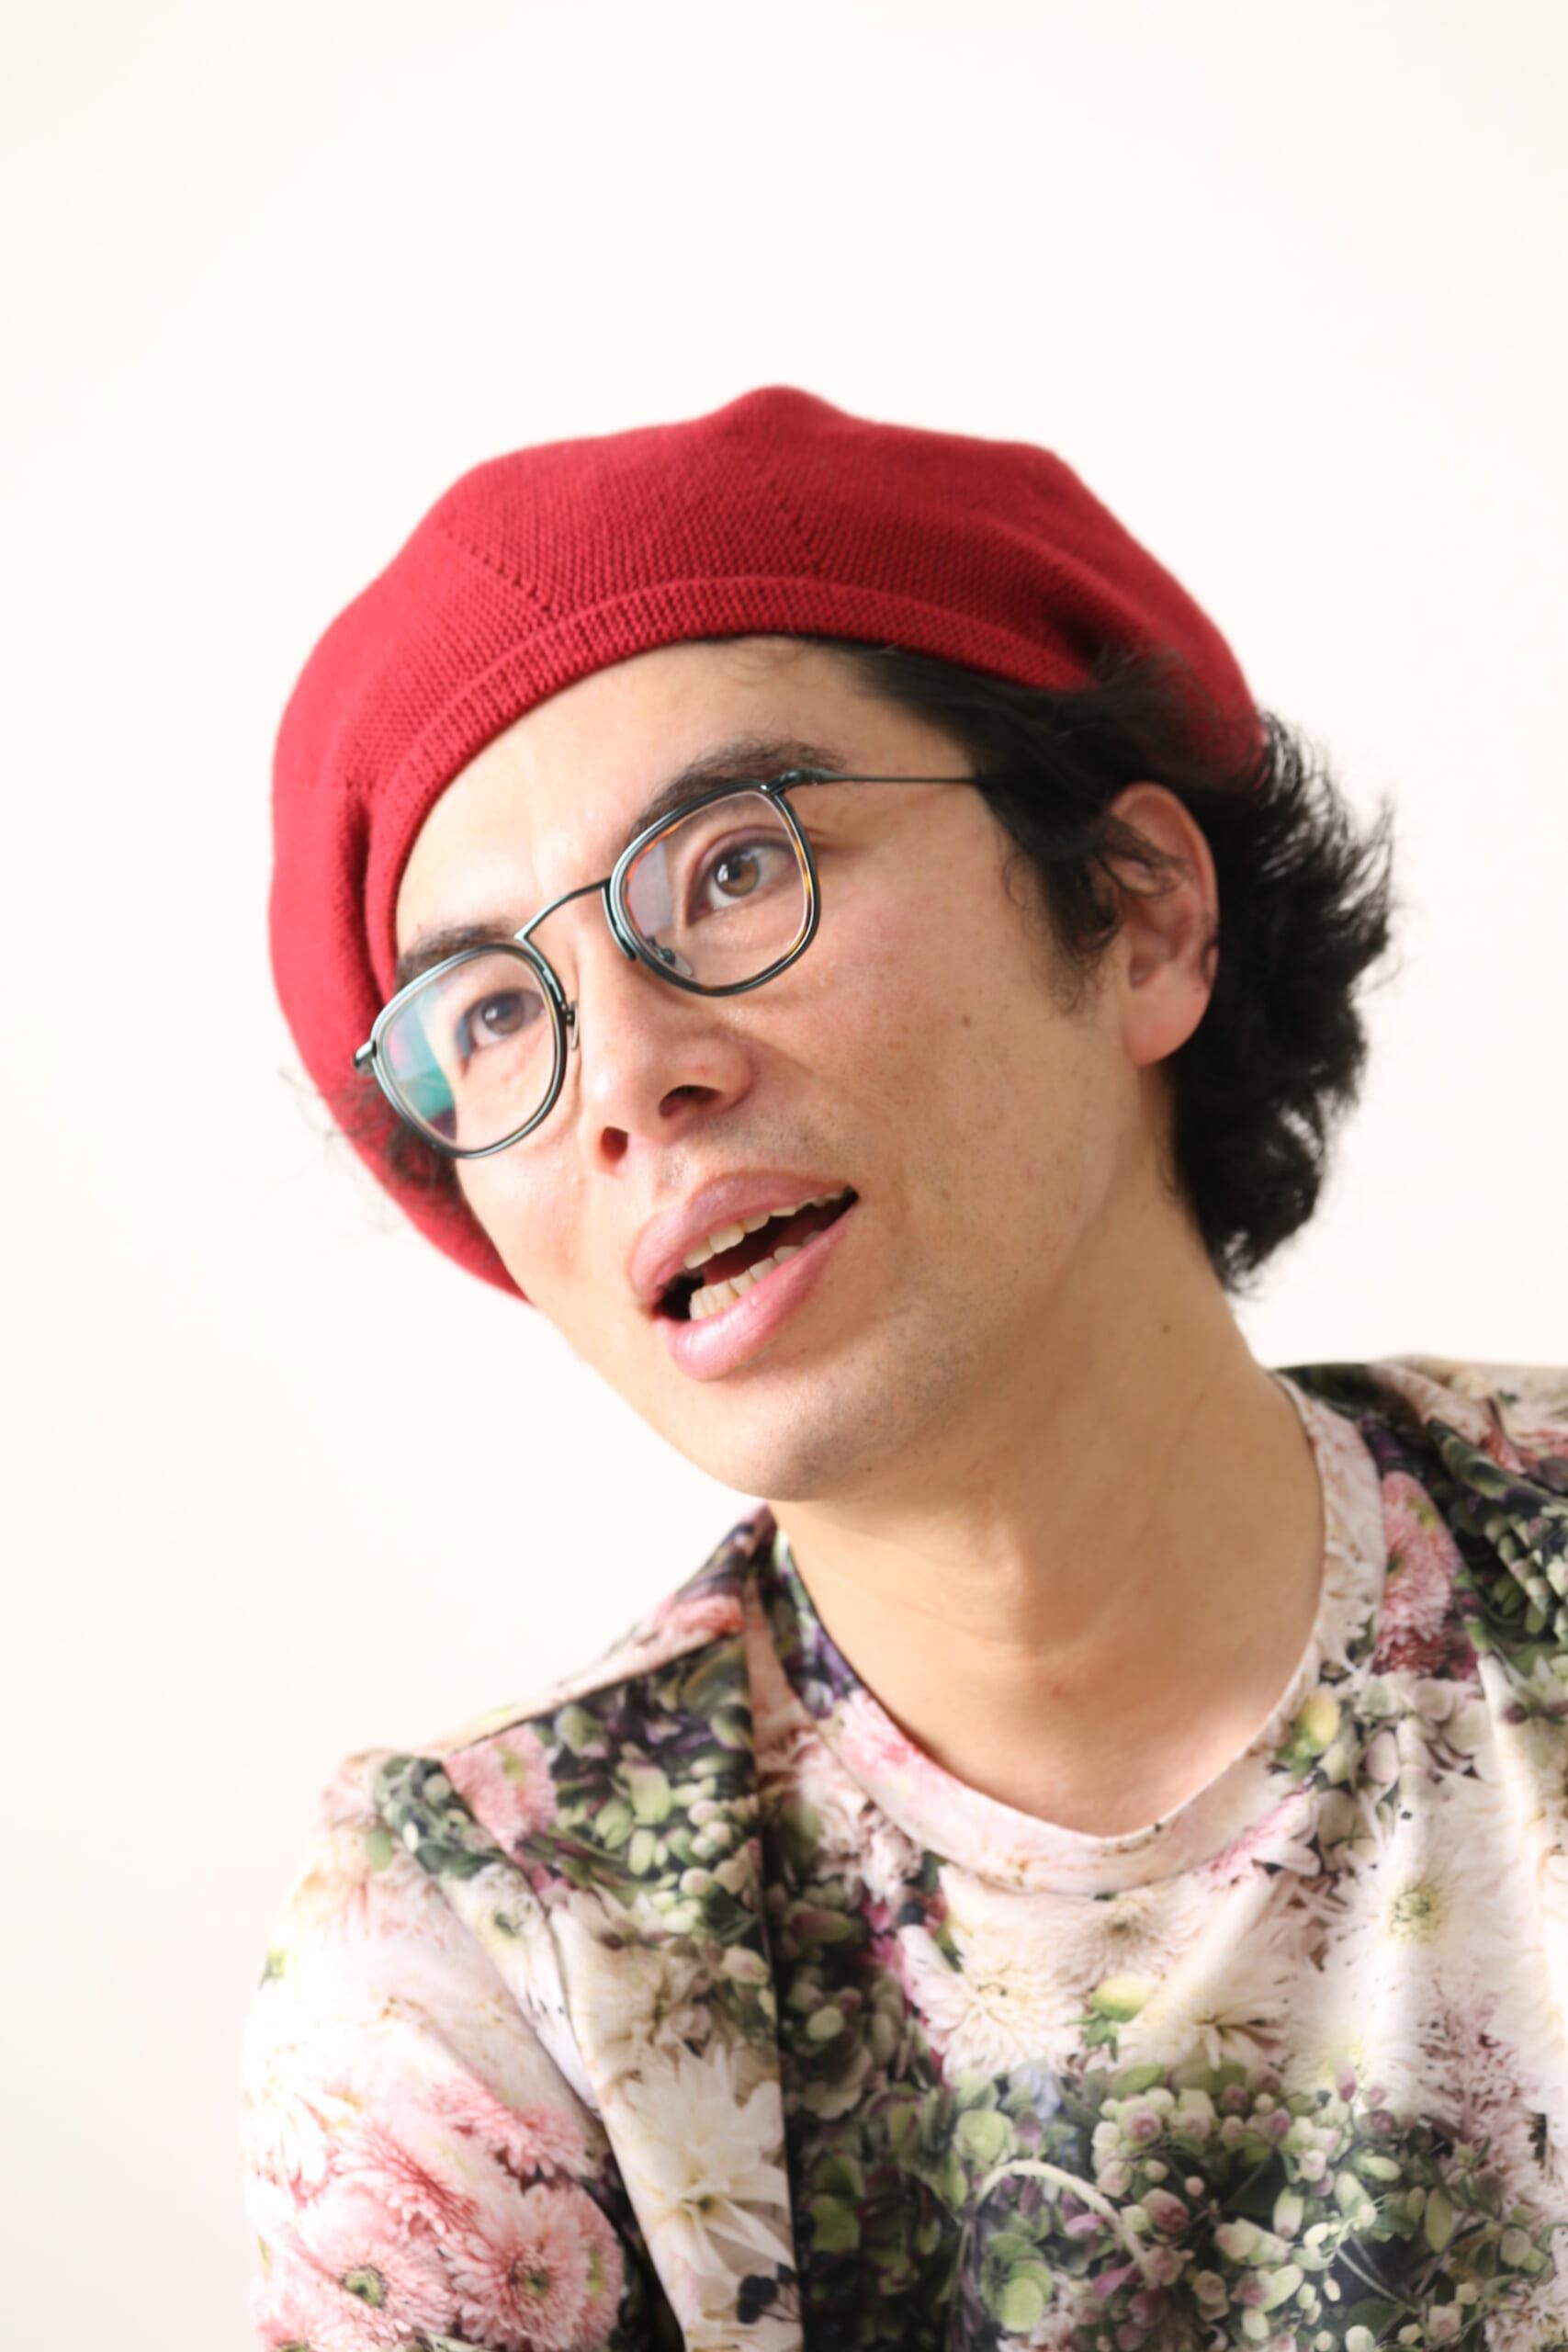 『アイアムアヒーロー』に出演の片桐仁、今おすすめの映画作品はまさかのアレ……!?